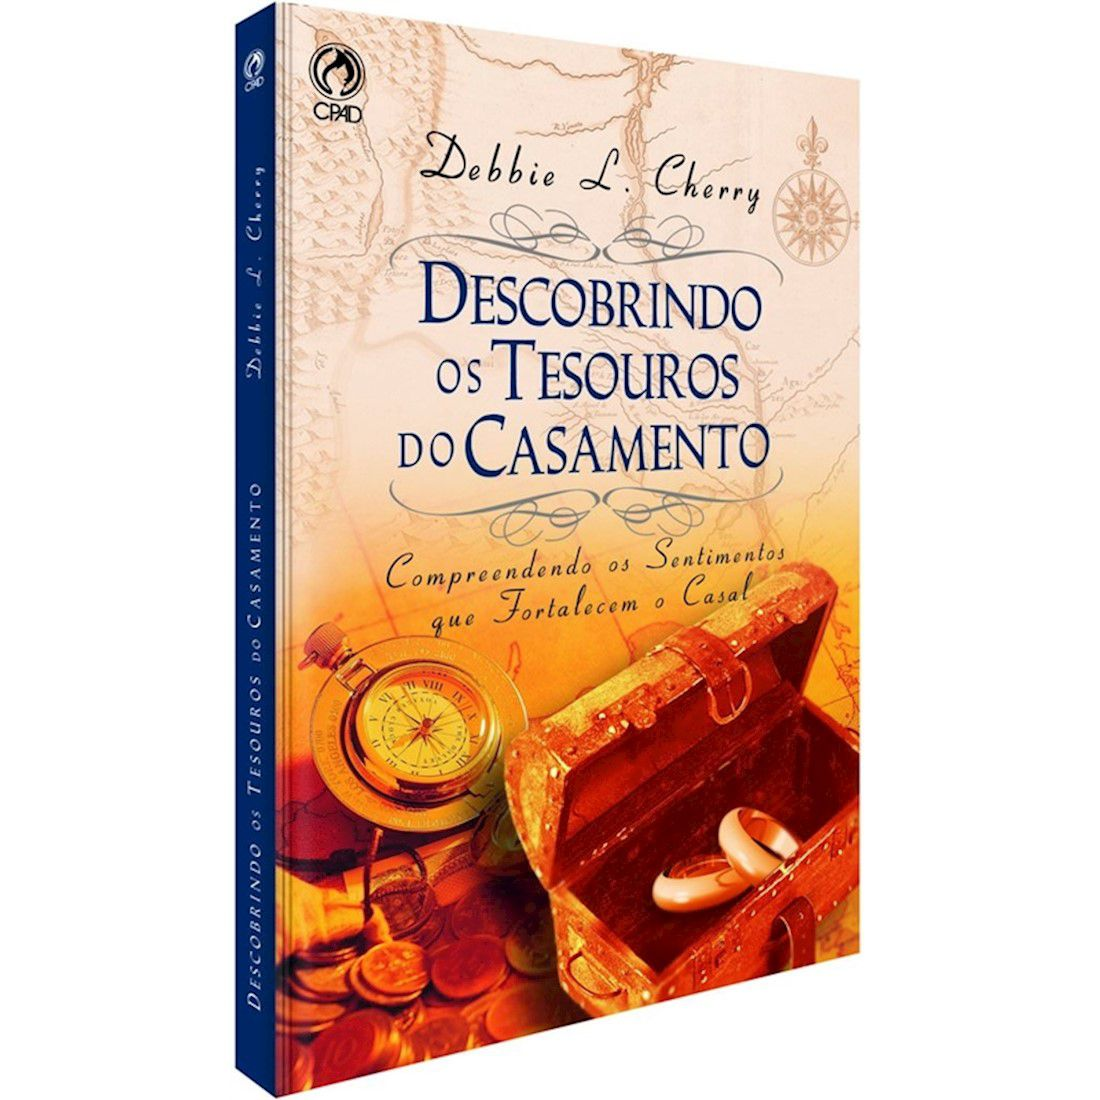 Livro Descobrindo os Tesouros do Casamento